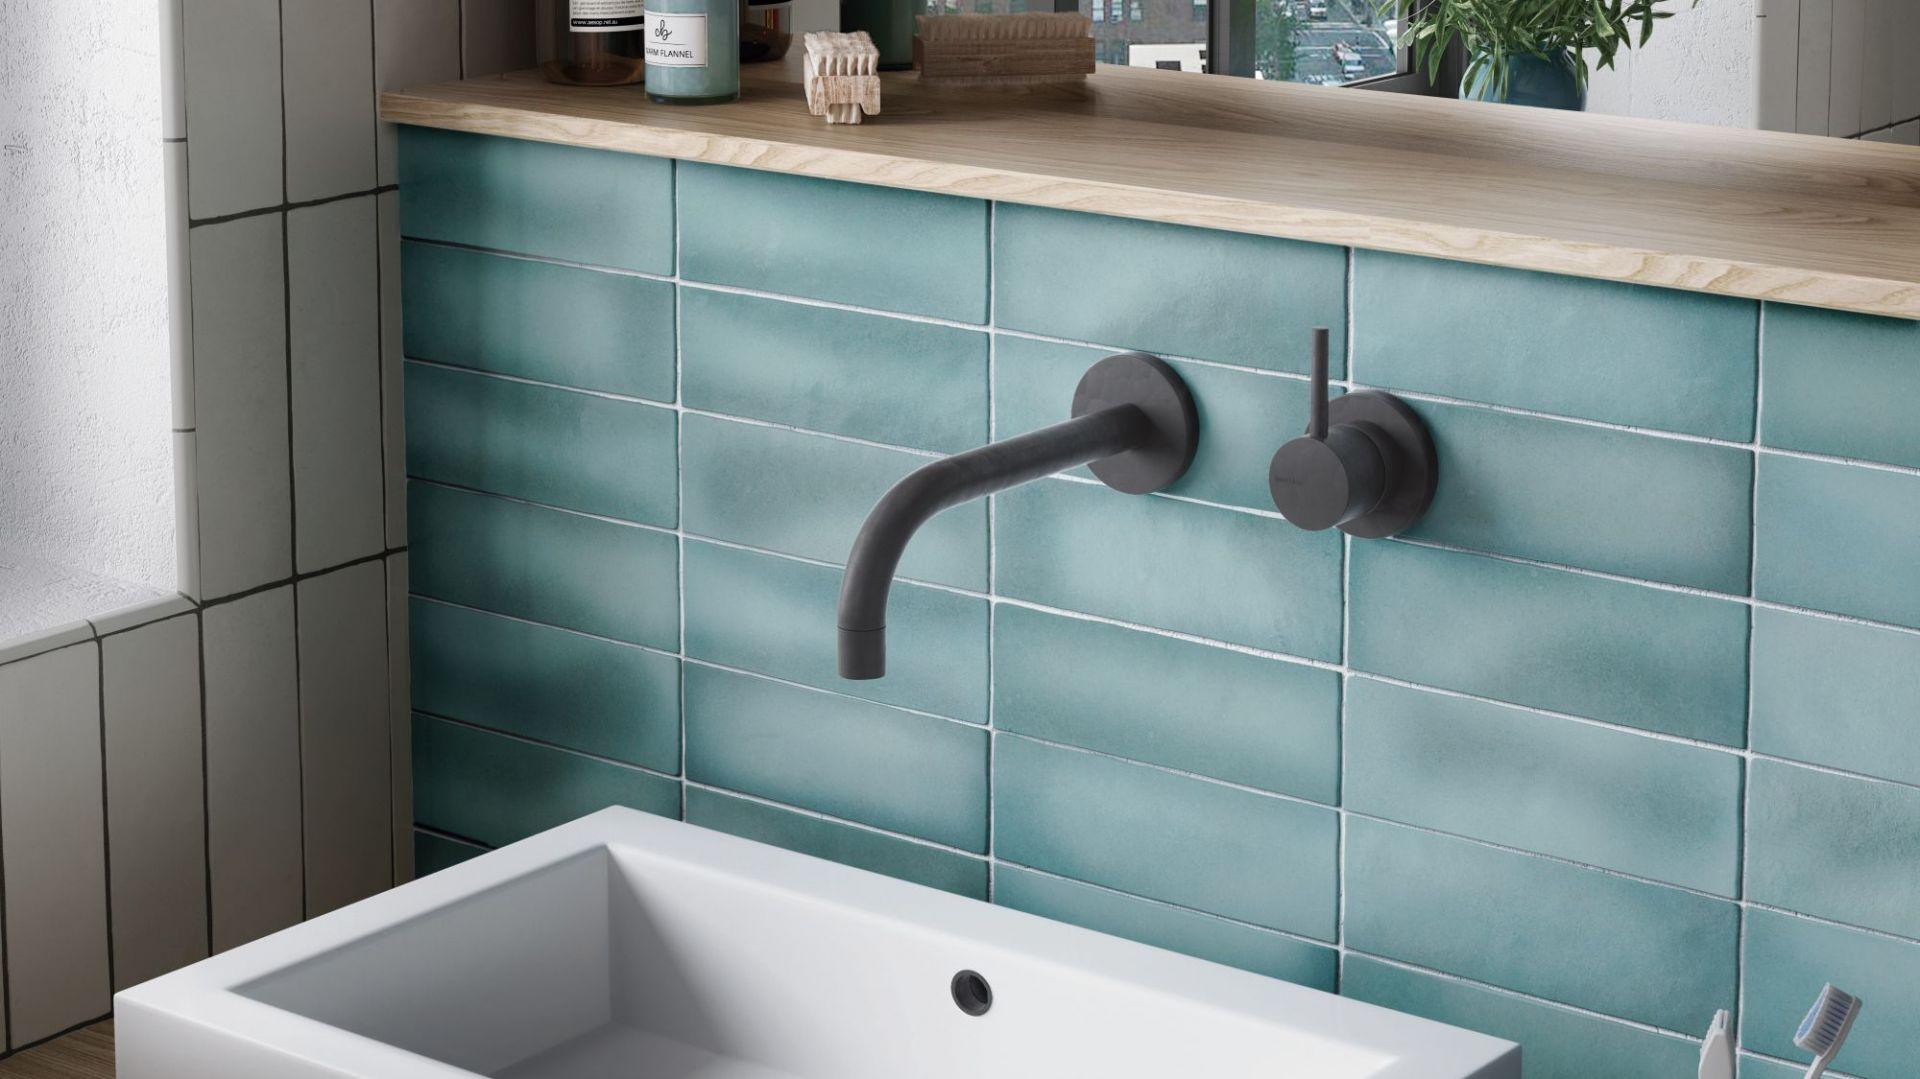 Nowoczesna łazienka. 30 pięknych kolekcji płytek ceramicznych. Producent Equipe, kolekcja Magma. Fot Equipe